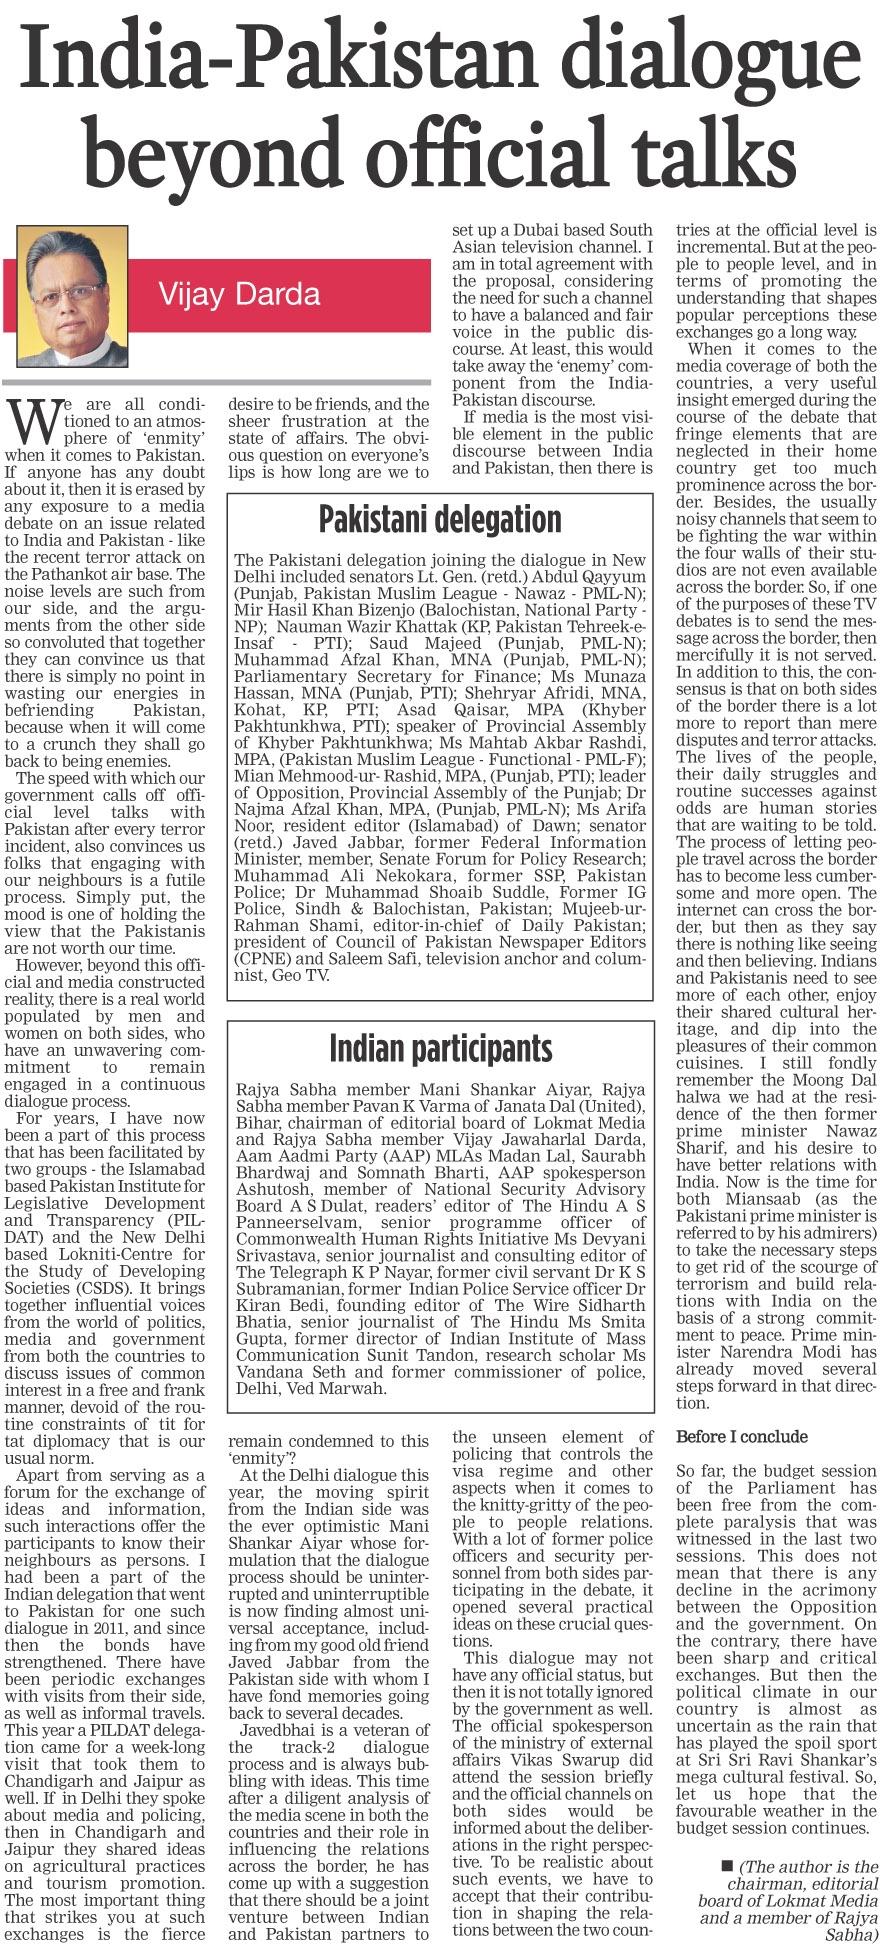 India-Pakistan dialogue beyond official talks